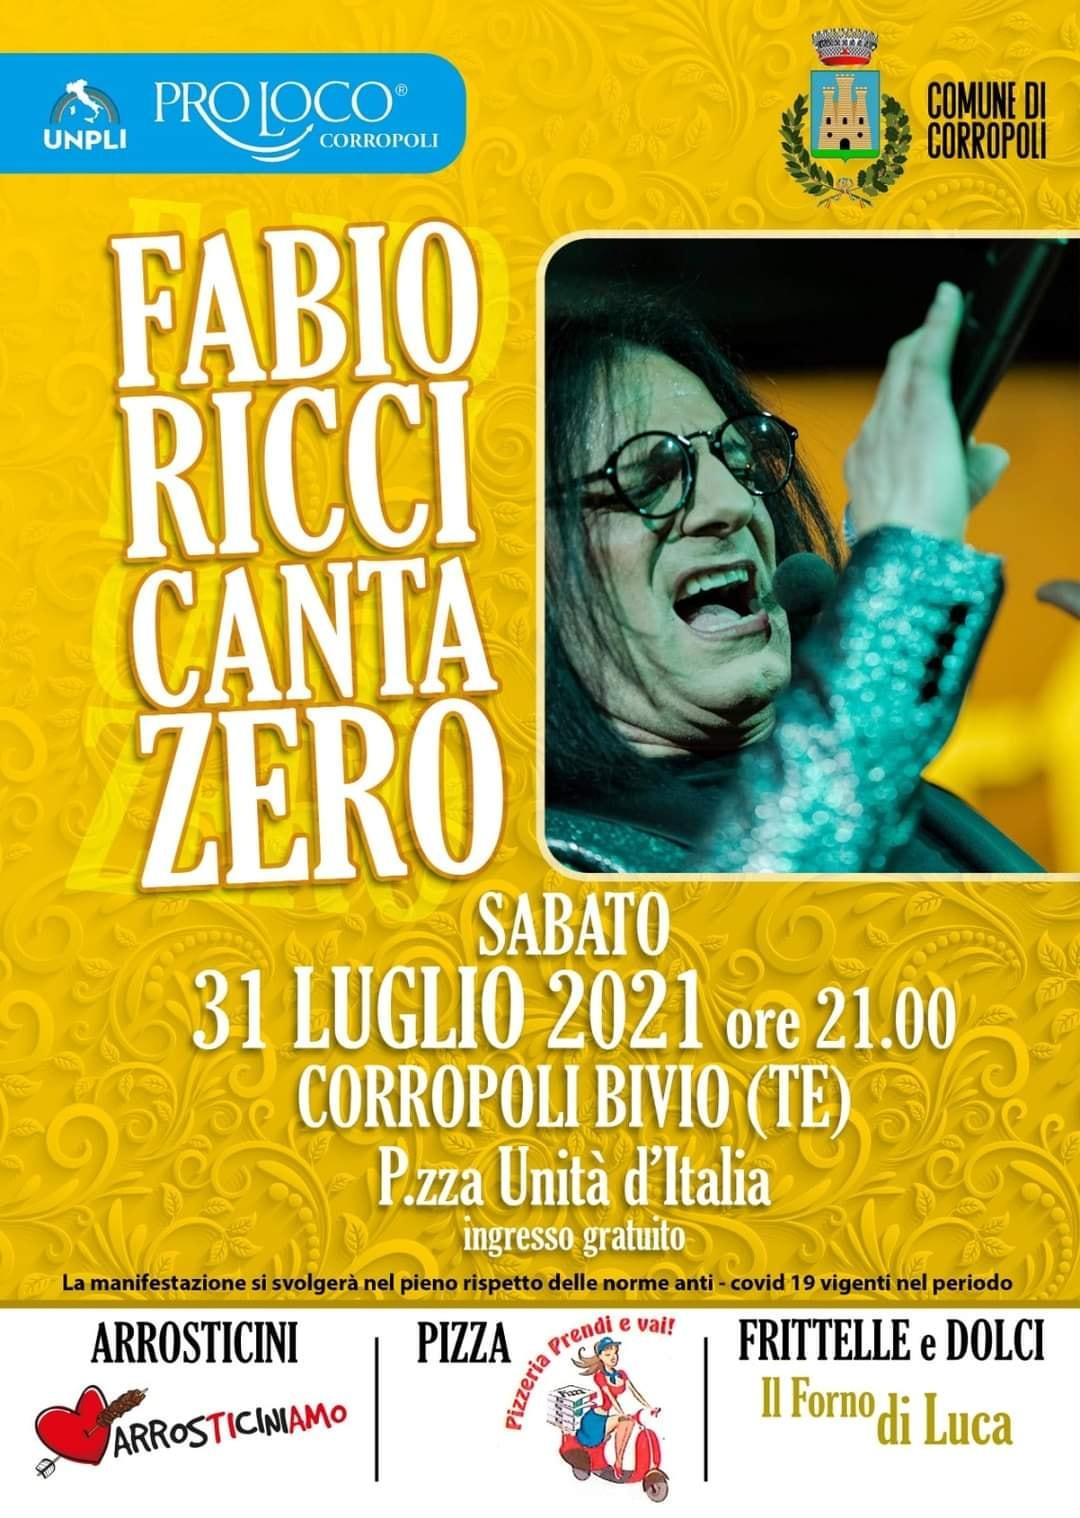 """""""Fabio Ricci Canta Zero""""  Sabato 31 Luglio 2021 ore 21.00  Piazza Unità d'Italia – Bivio Corropoli"""